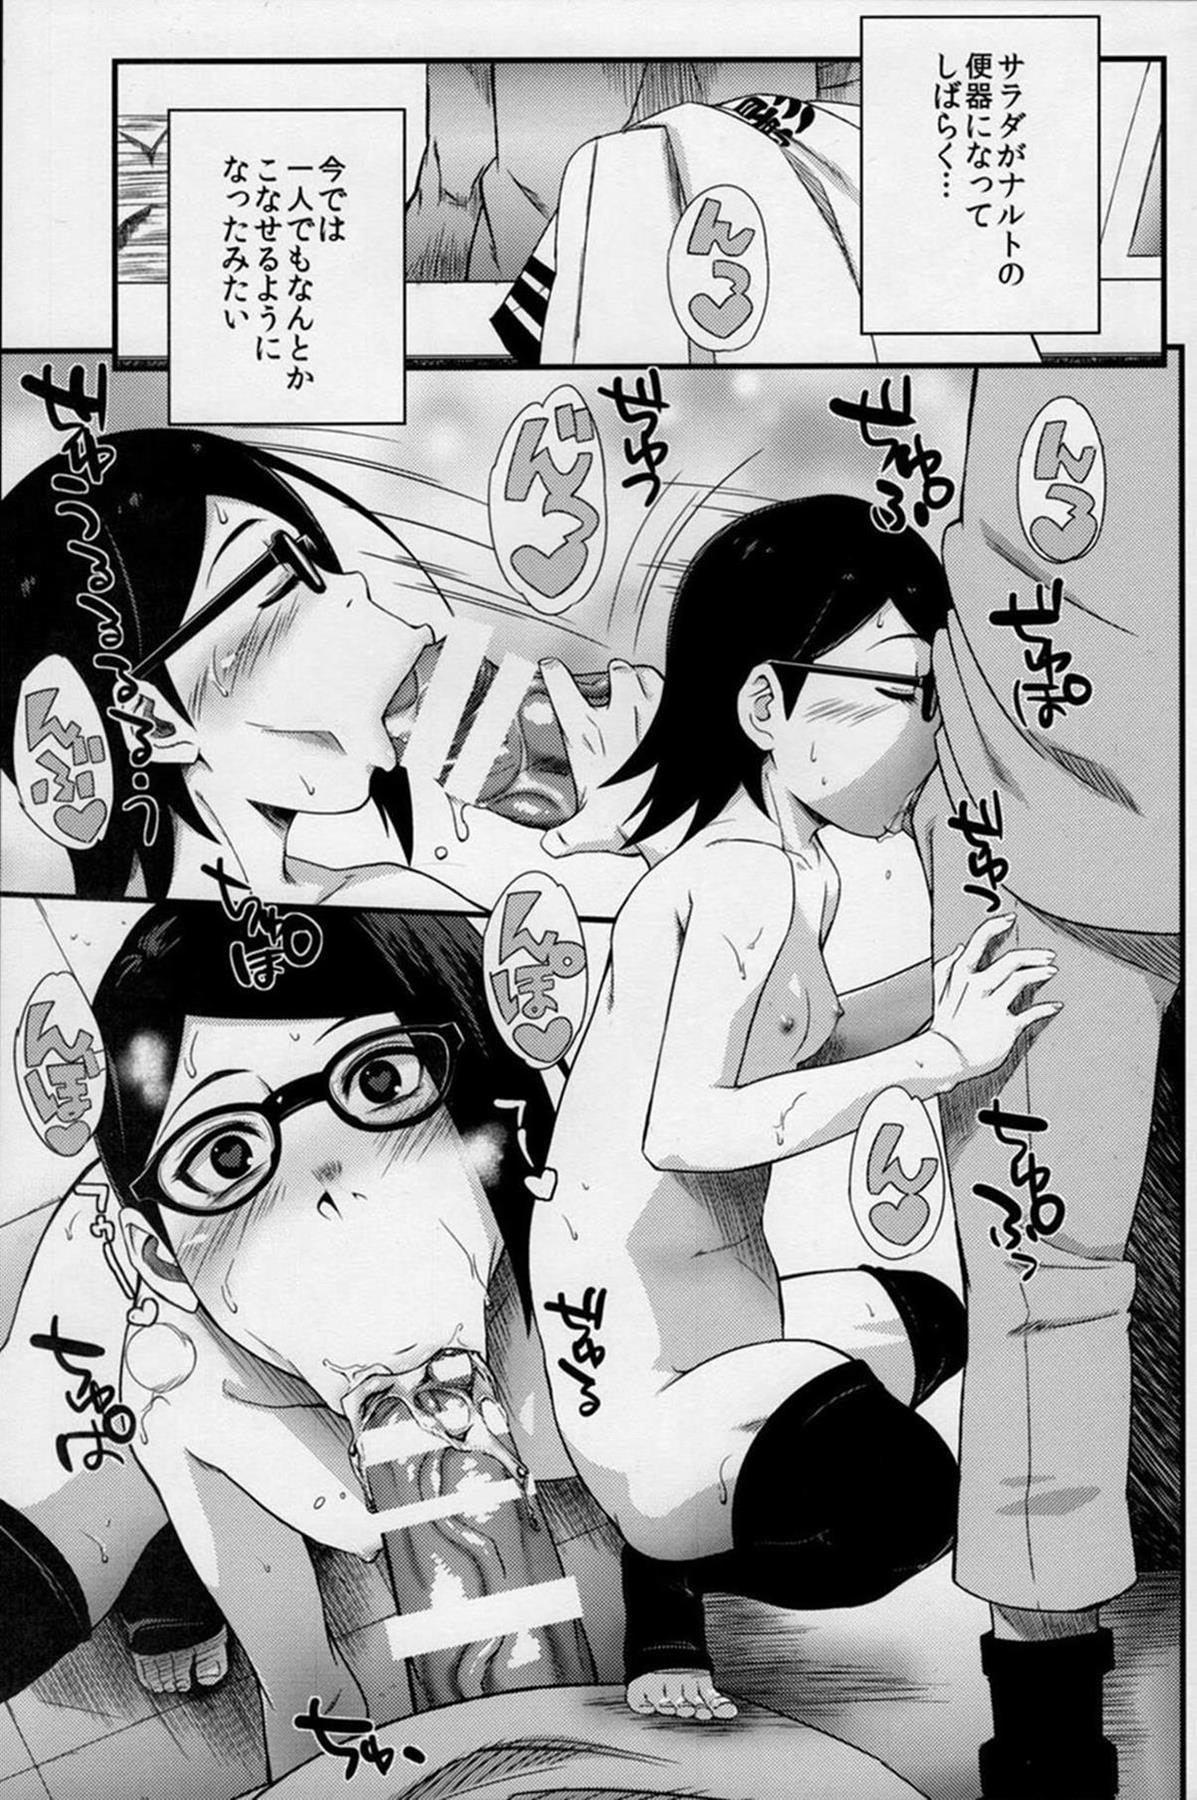 【NARUTO エロ漫画・エロ同人】サラダ、ヒナタ、サクラ、いの・・・肉便器ハーレムでどれでも好きな穴使えるんだってばよwwwwww (3)